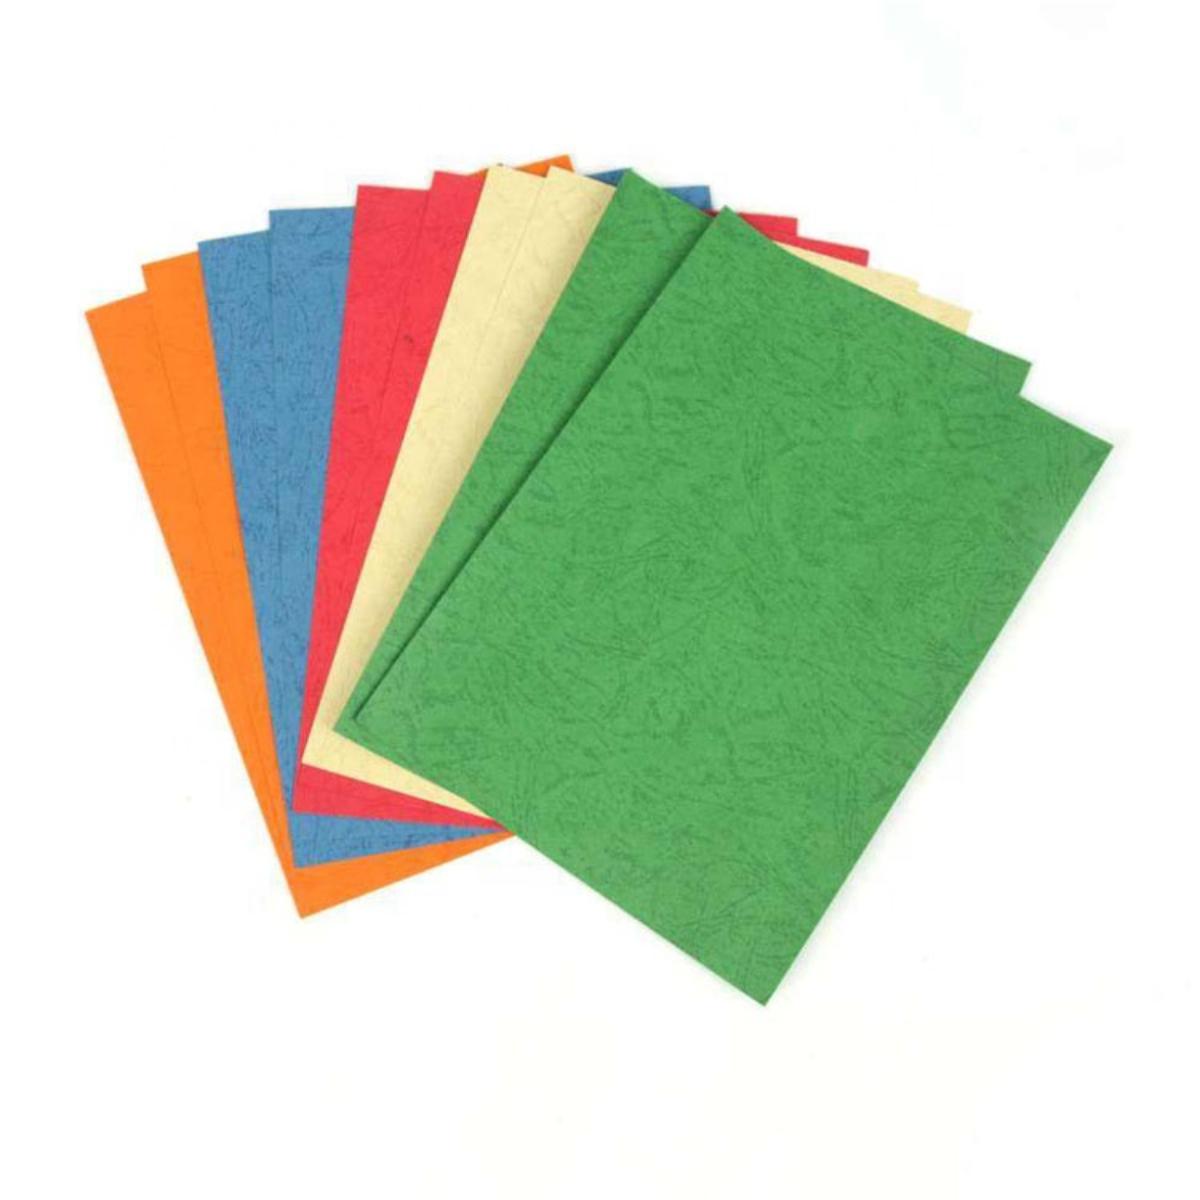 חבילת 100 דפים לכריכה דמוי עור צהוב